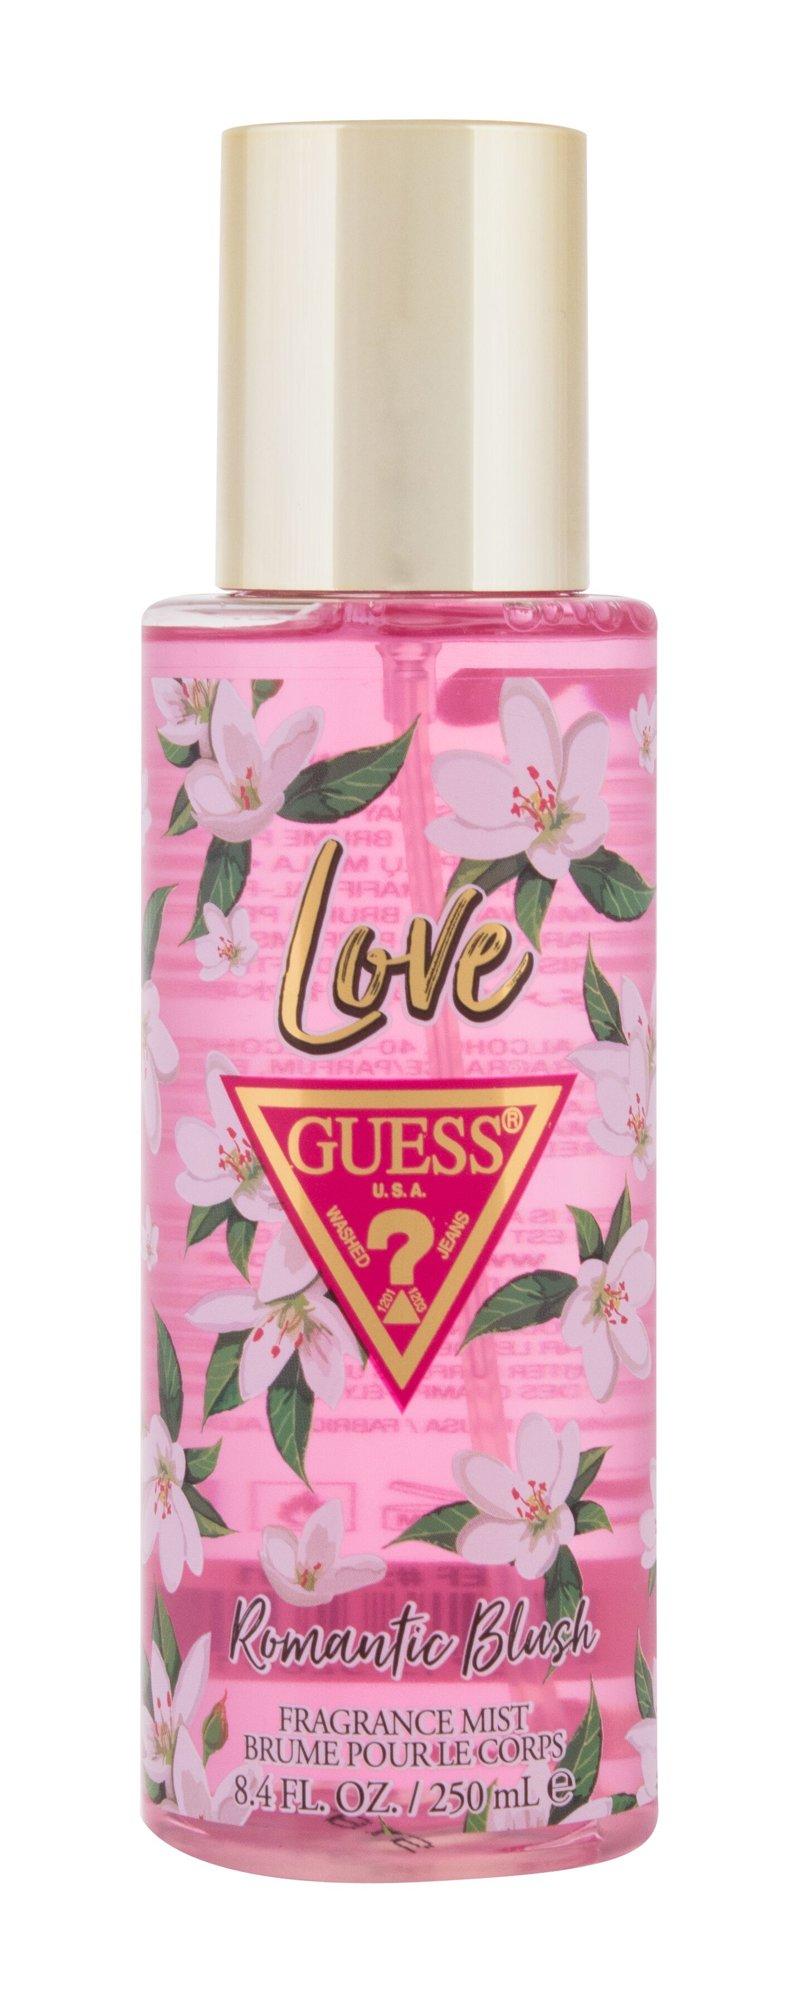 GUESS Love Romantic Blush, Telový sprej 250ml